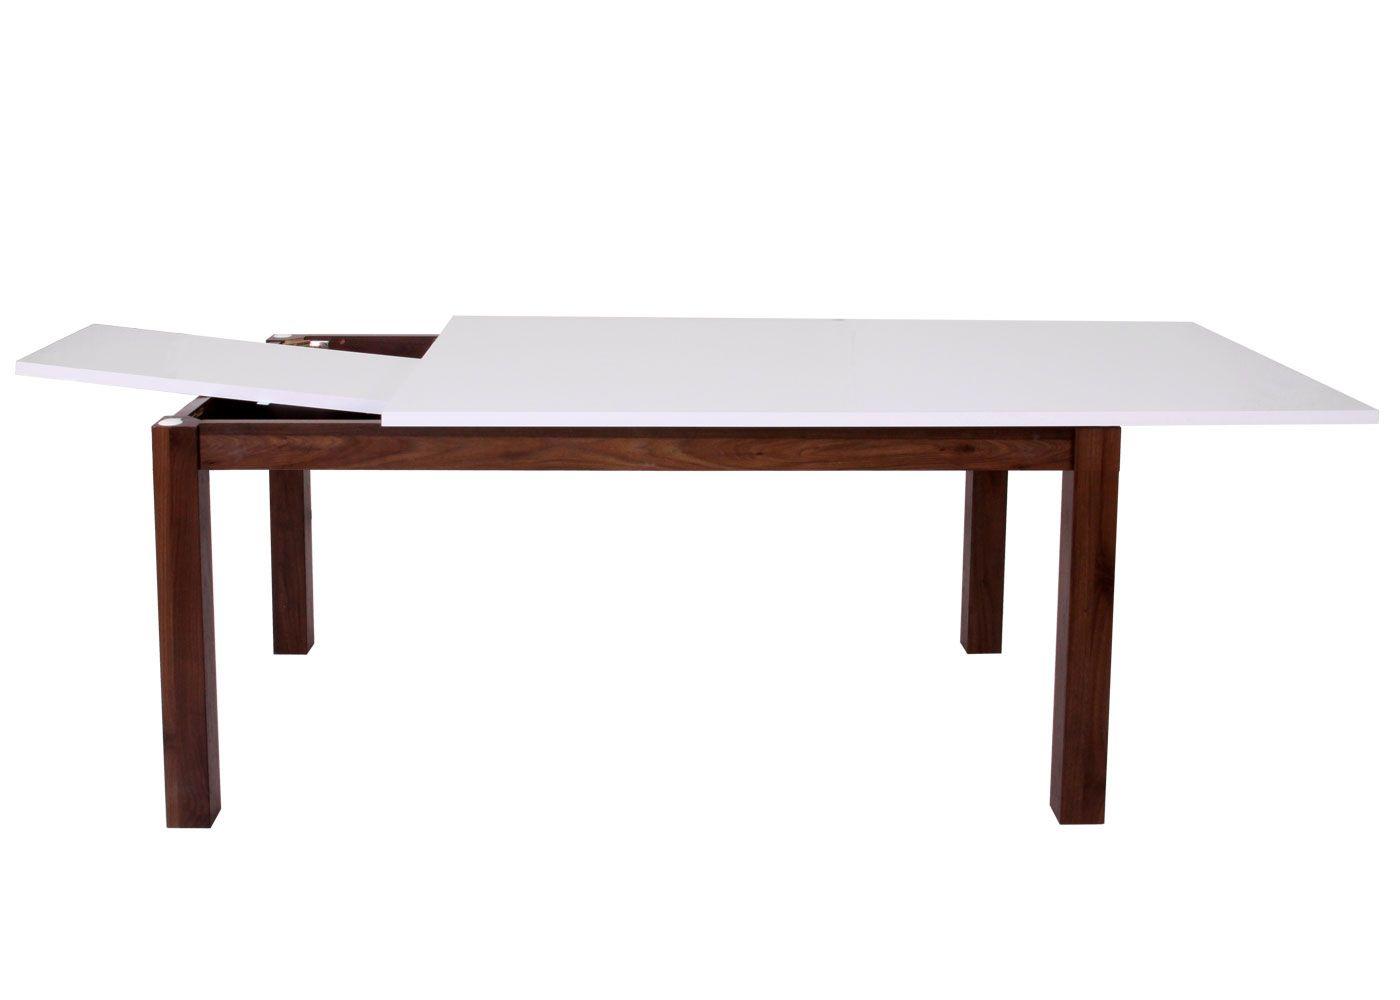 Esstisch HWC B51, Esszimmertisch Tisch, ausziehbar ...